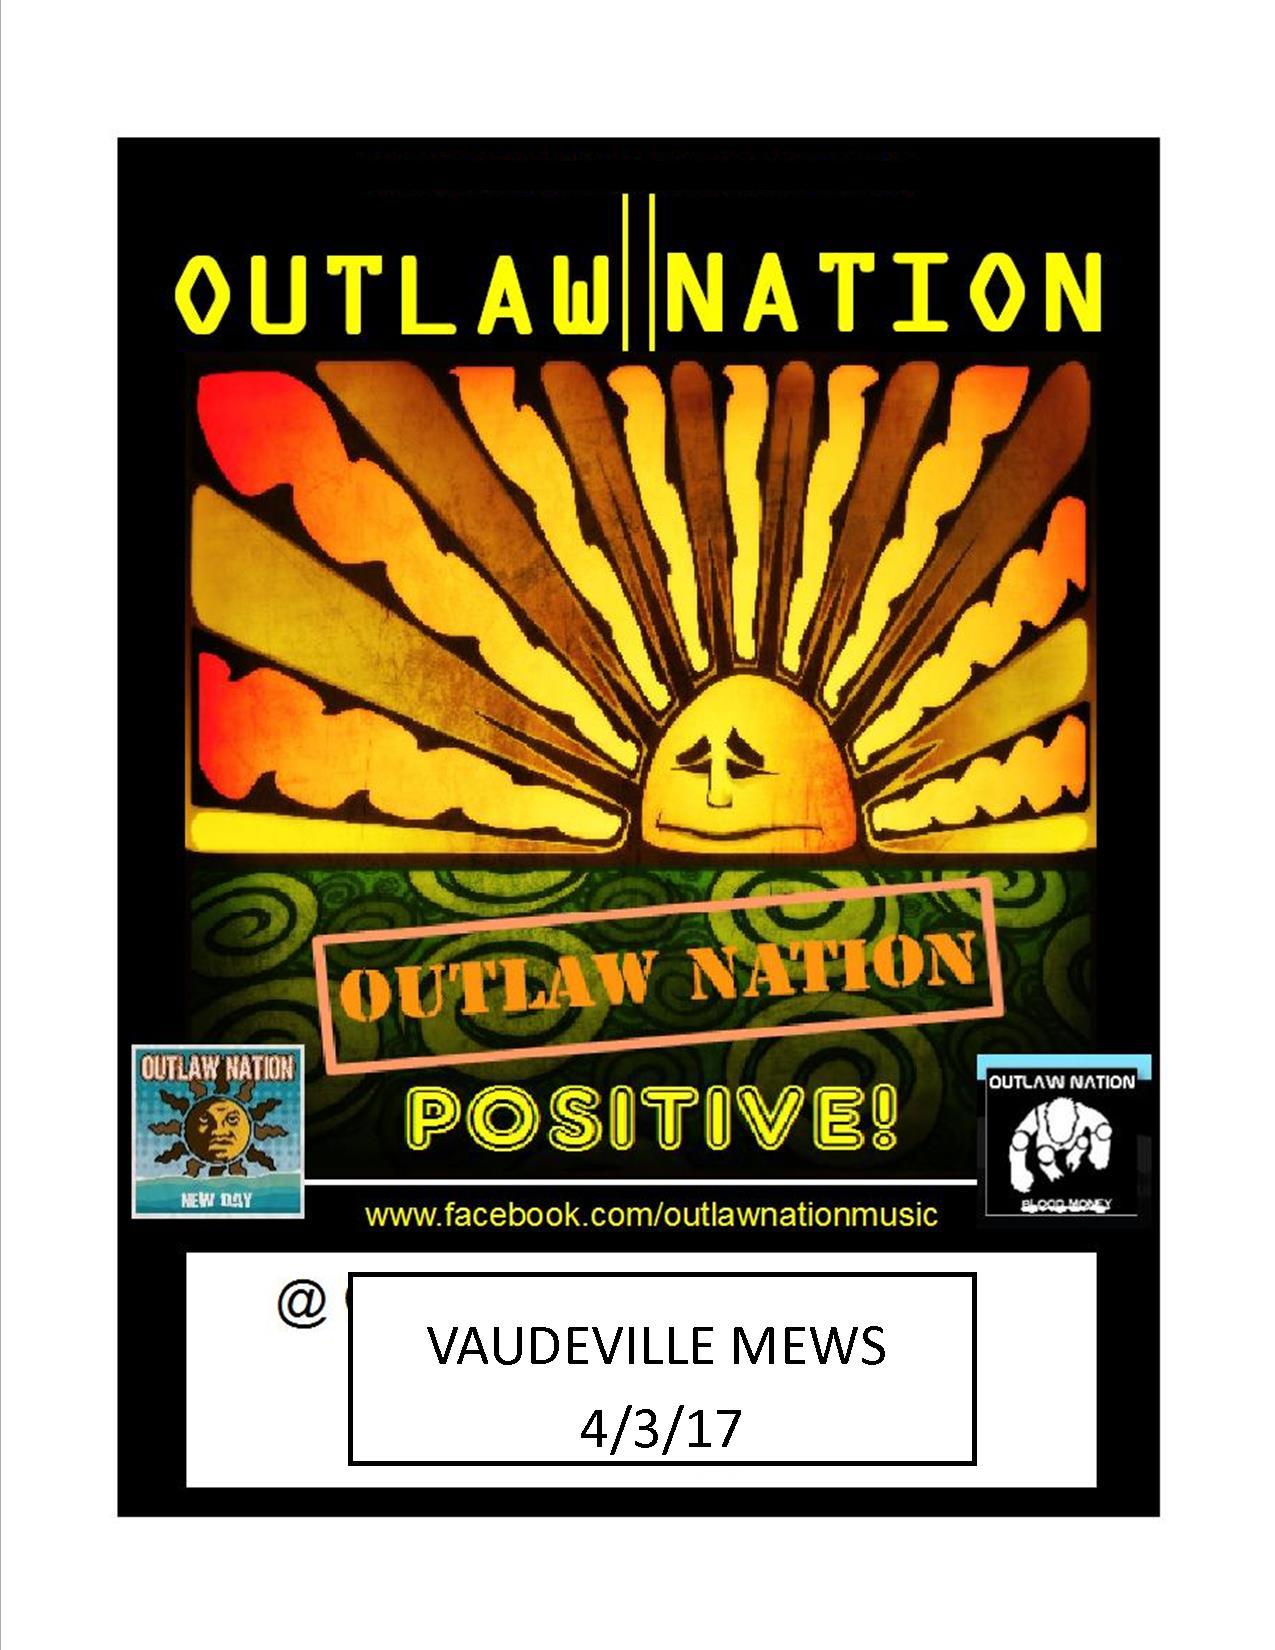 Outlaw_nation_vaudeville_mews_flyer_432017